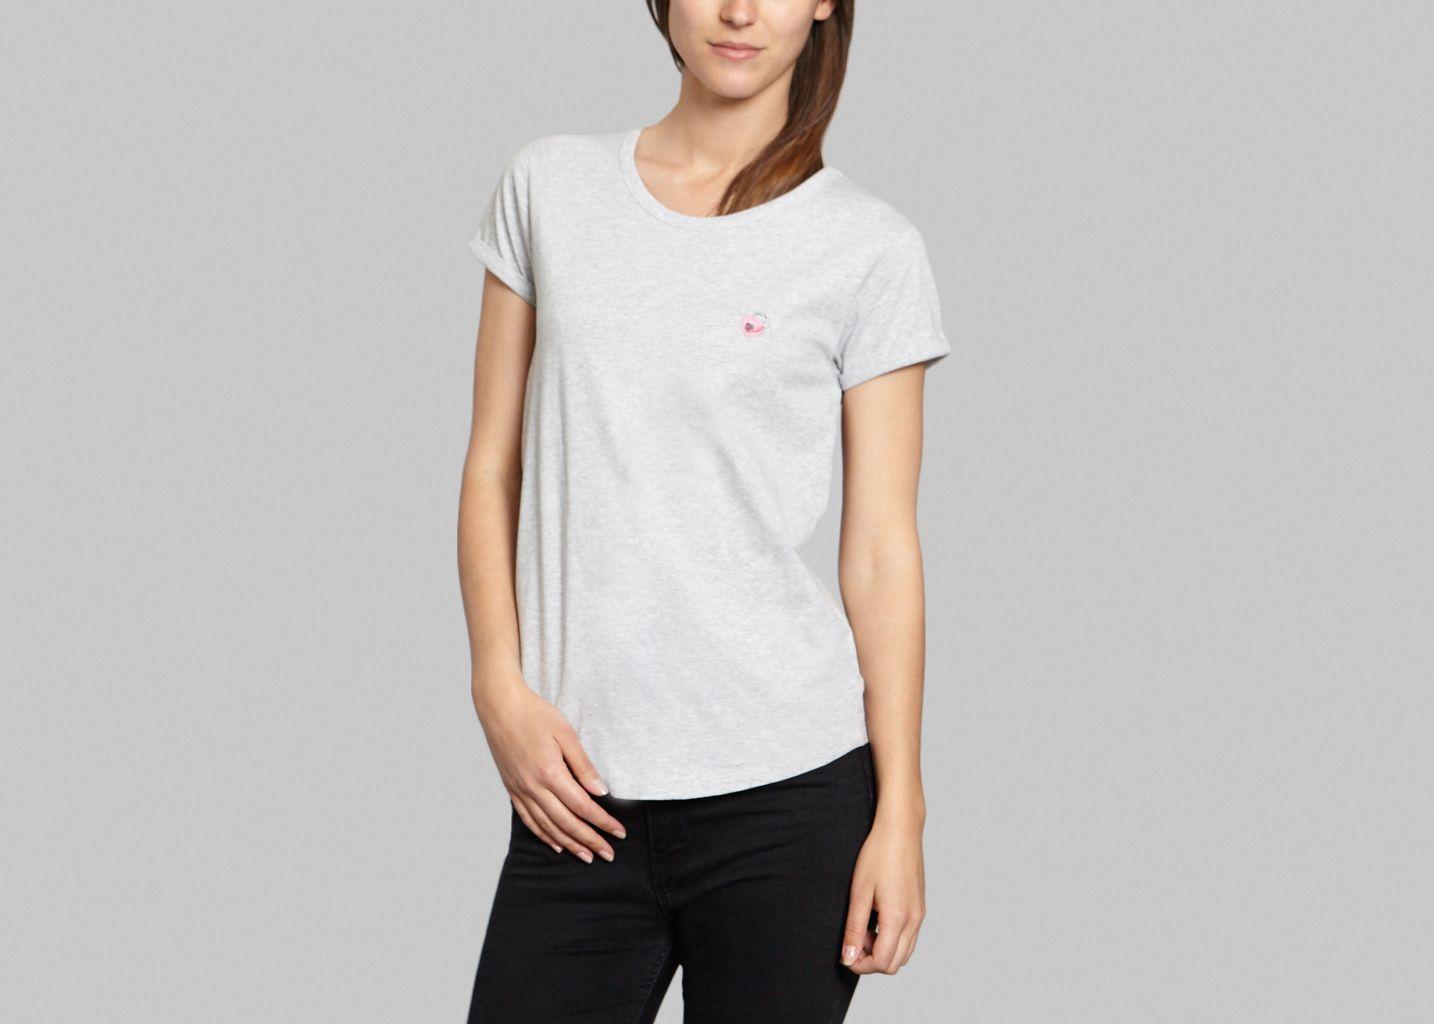 T-Shirt Médaillon Coeur - Maison Labiche